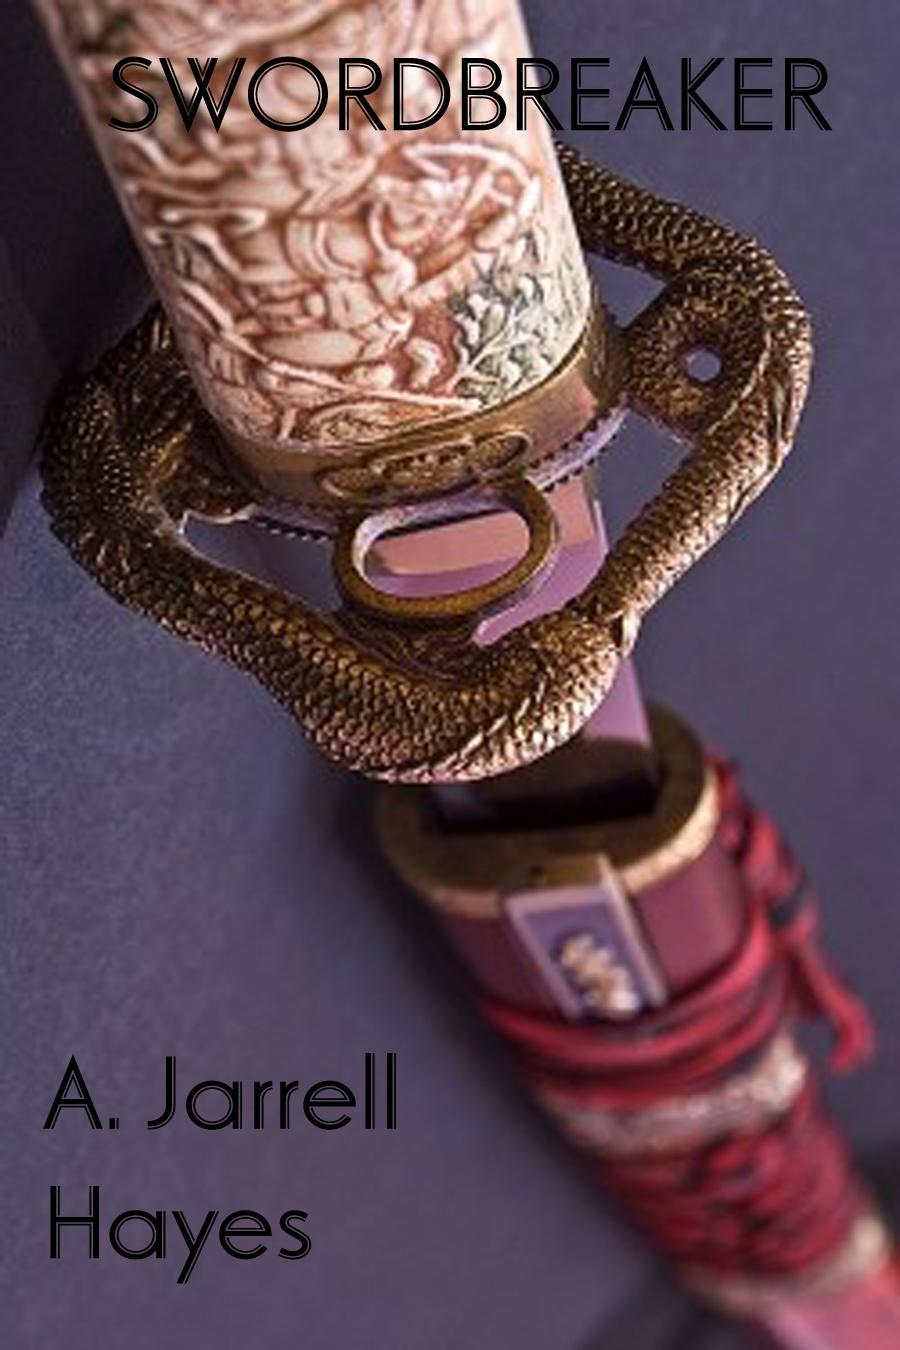 Swordbreaker by A. Jarrell Hayes